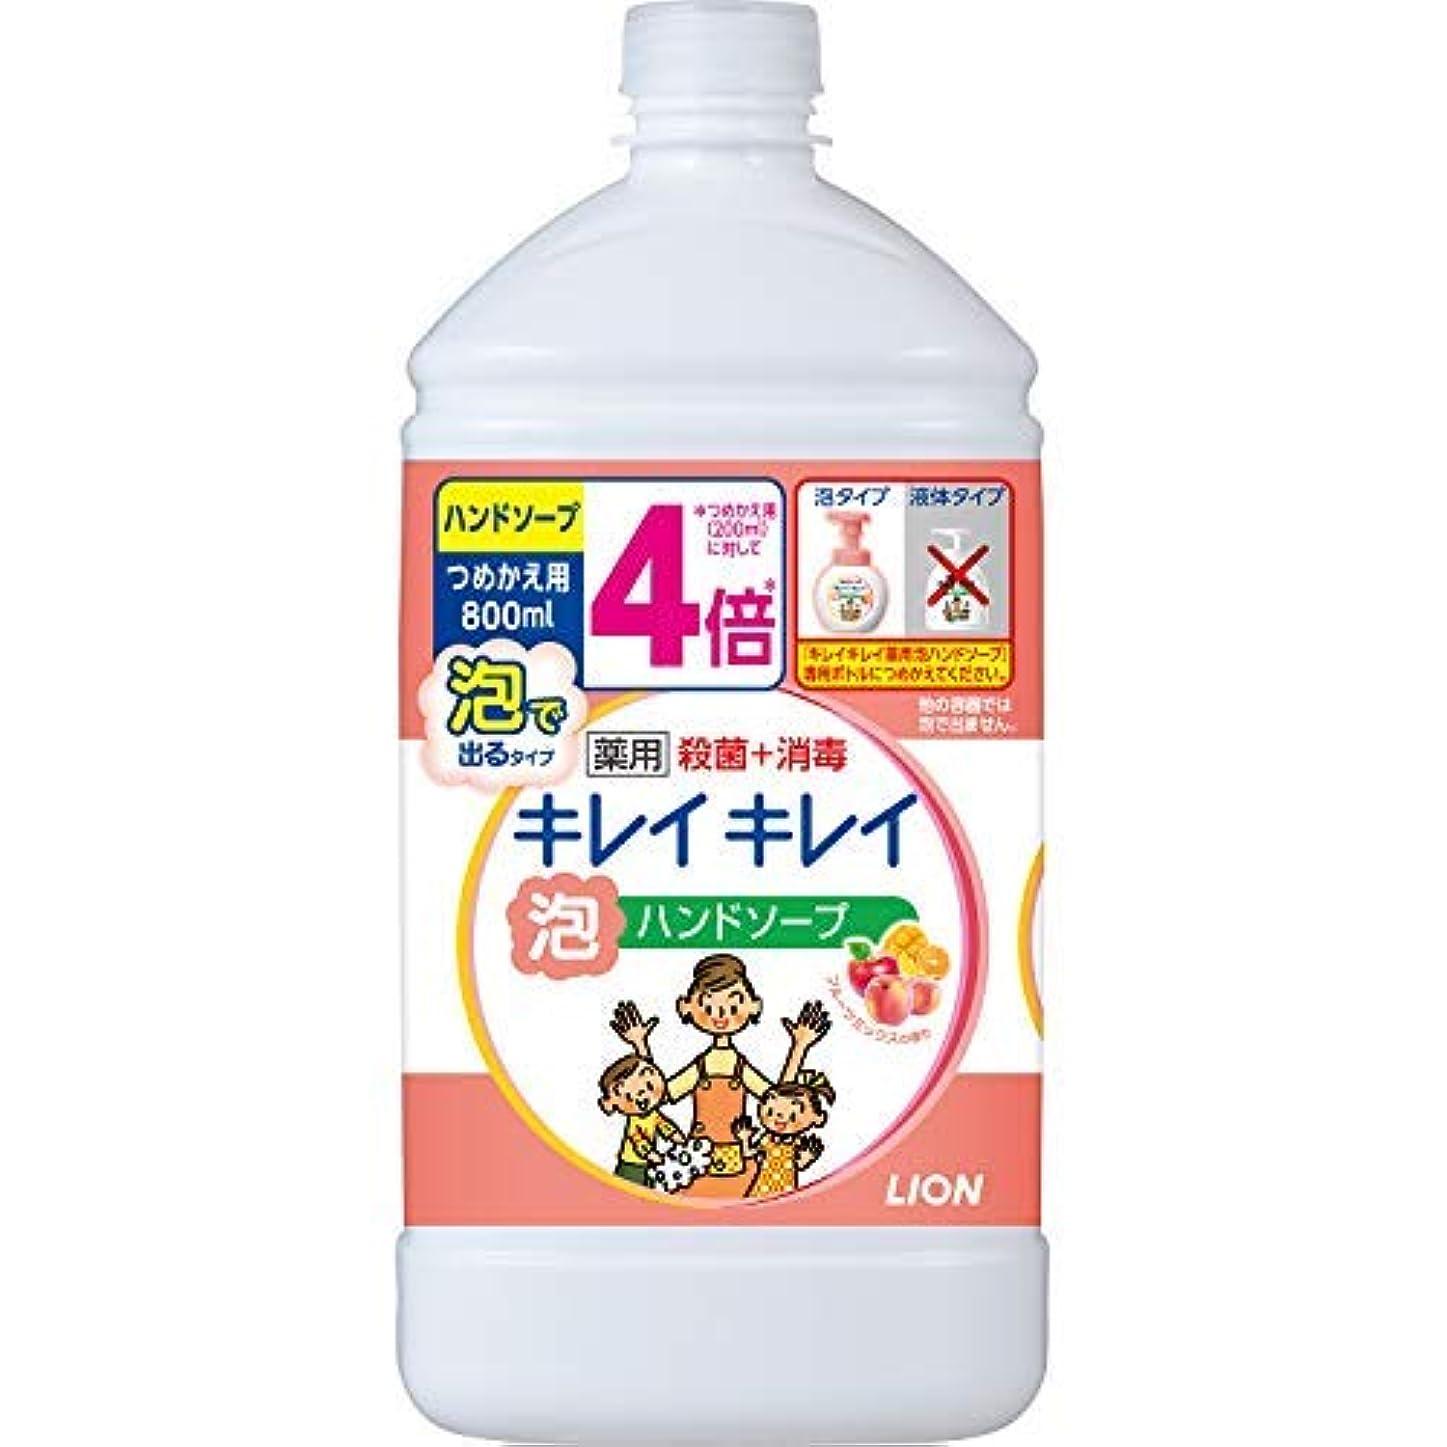 イブバラエティクラシカルキレイキレイ 薬用泡ハンドソープ つめかえ用特大サイズ フルーツミックス × 5個セット